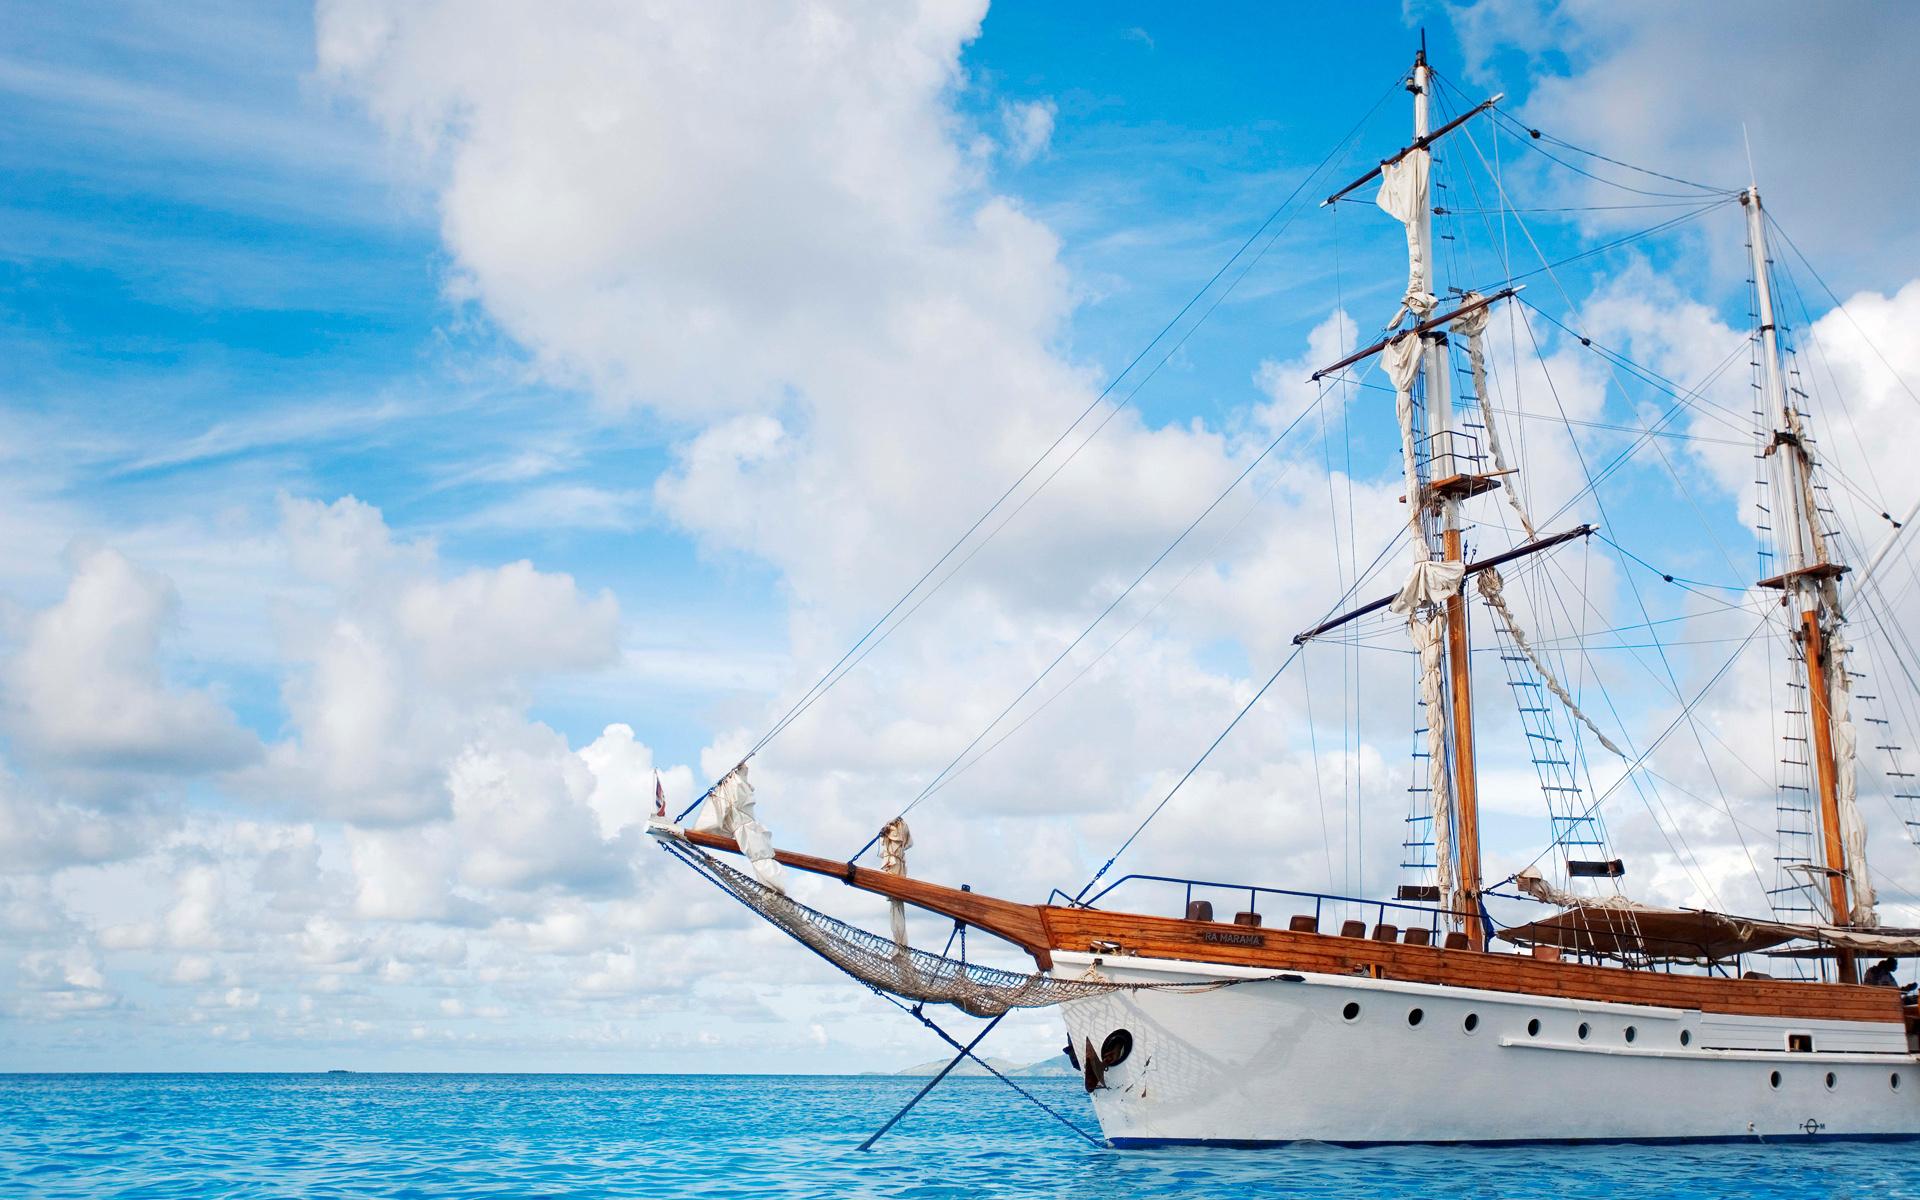 Парусный фрегат, море, корабль